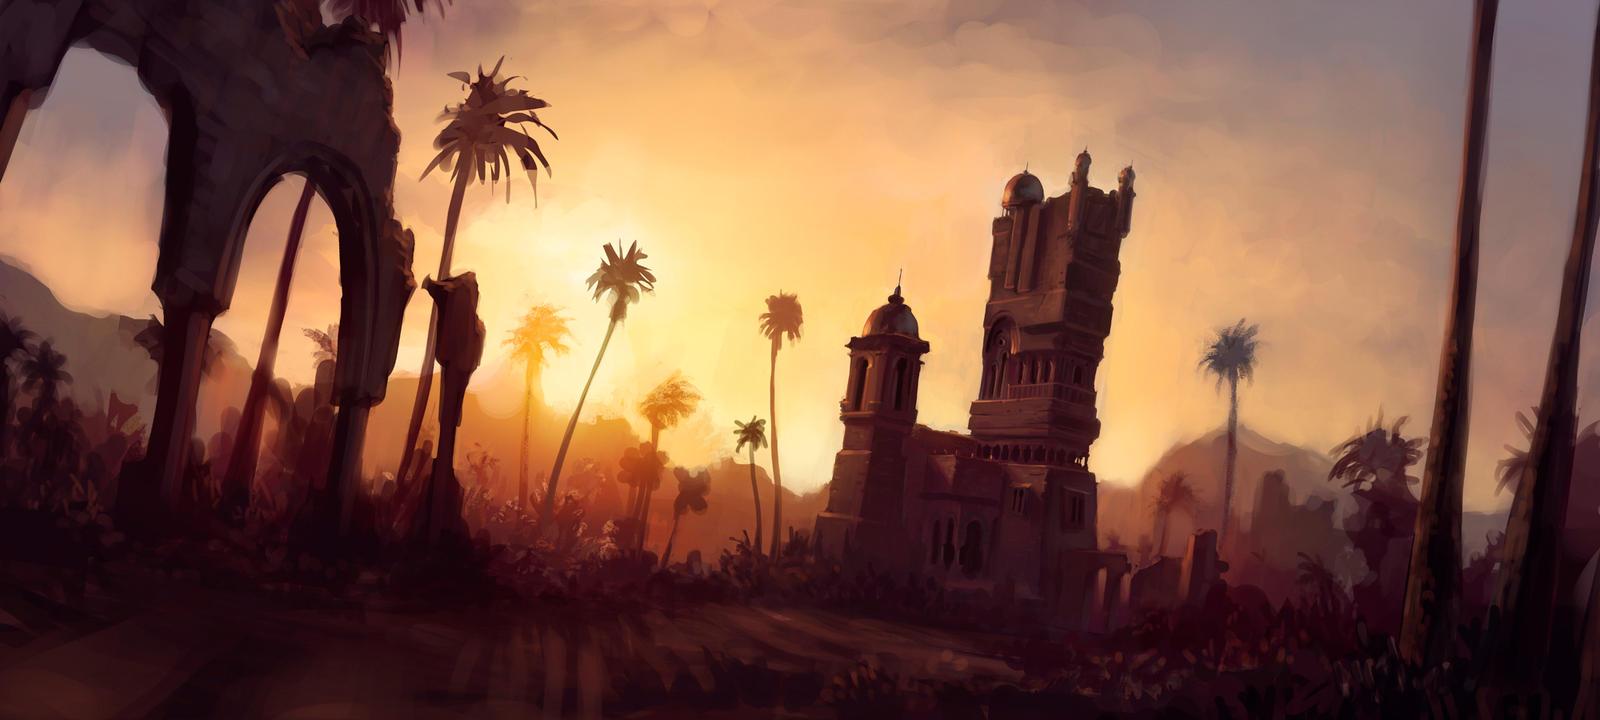 Desert Tower by JoshEiten